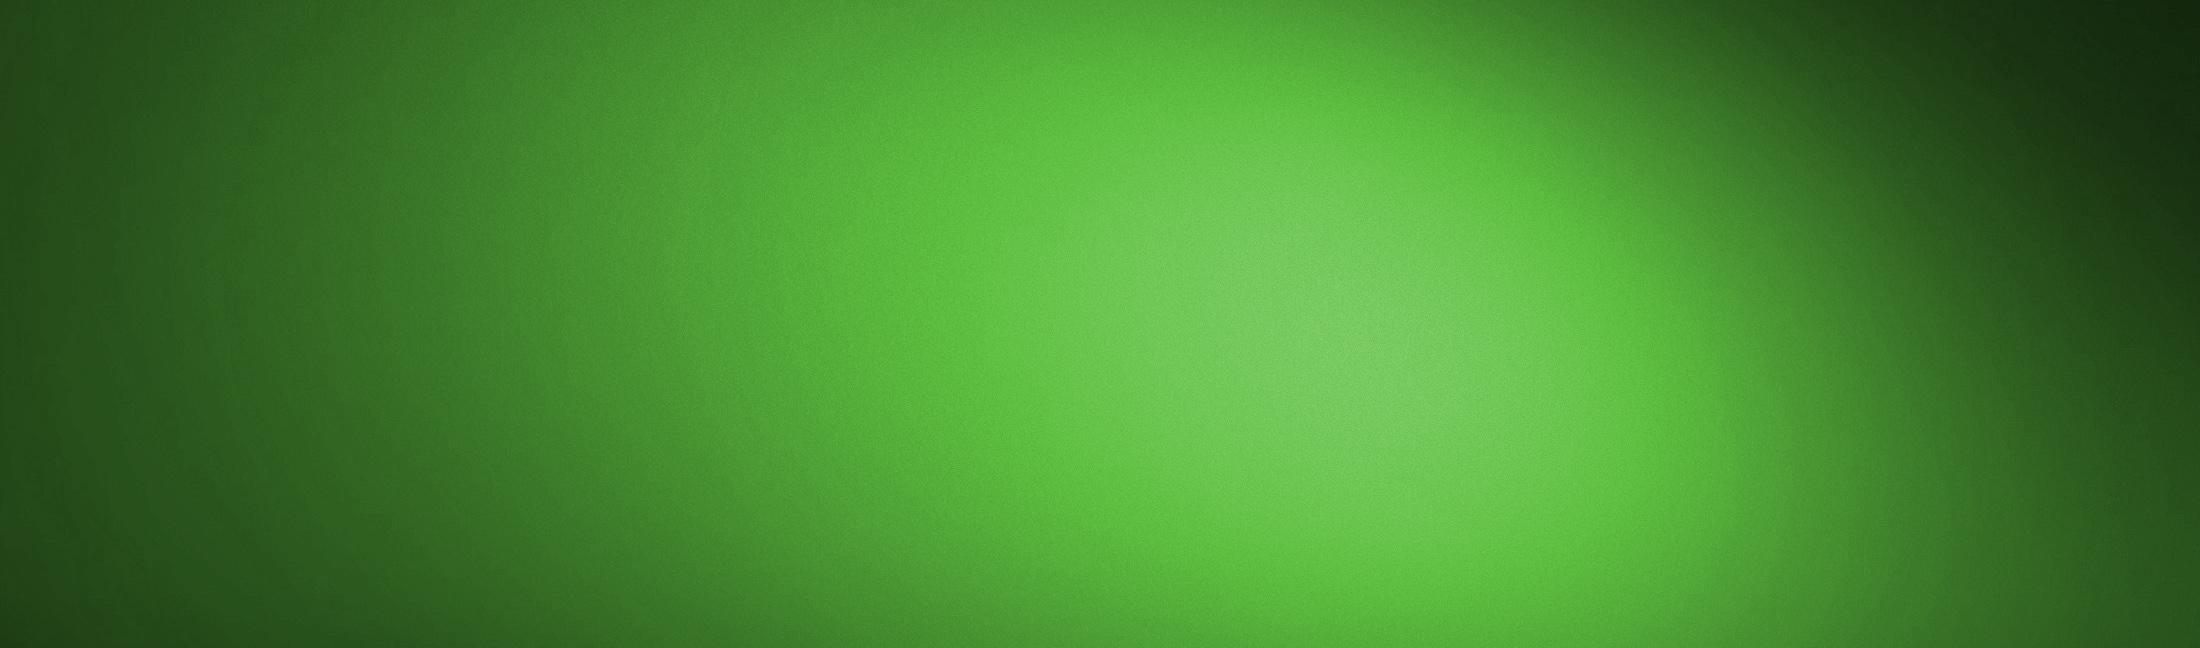 green-space-site-com-ua